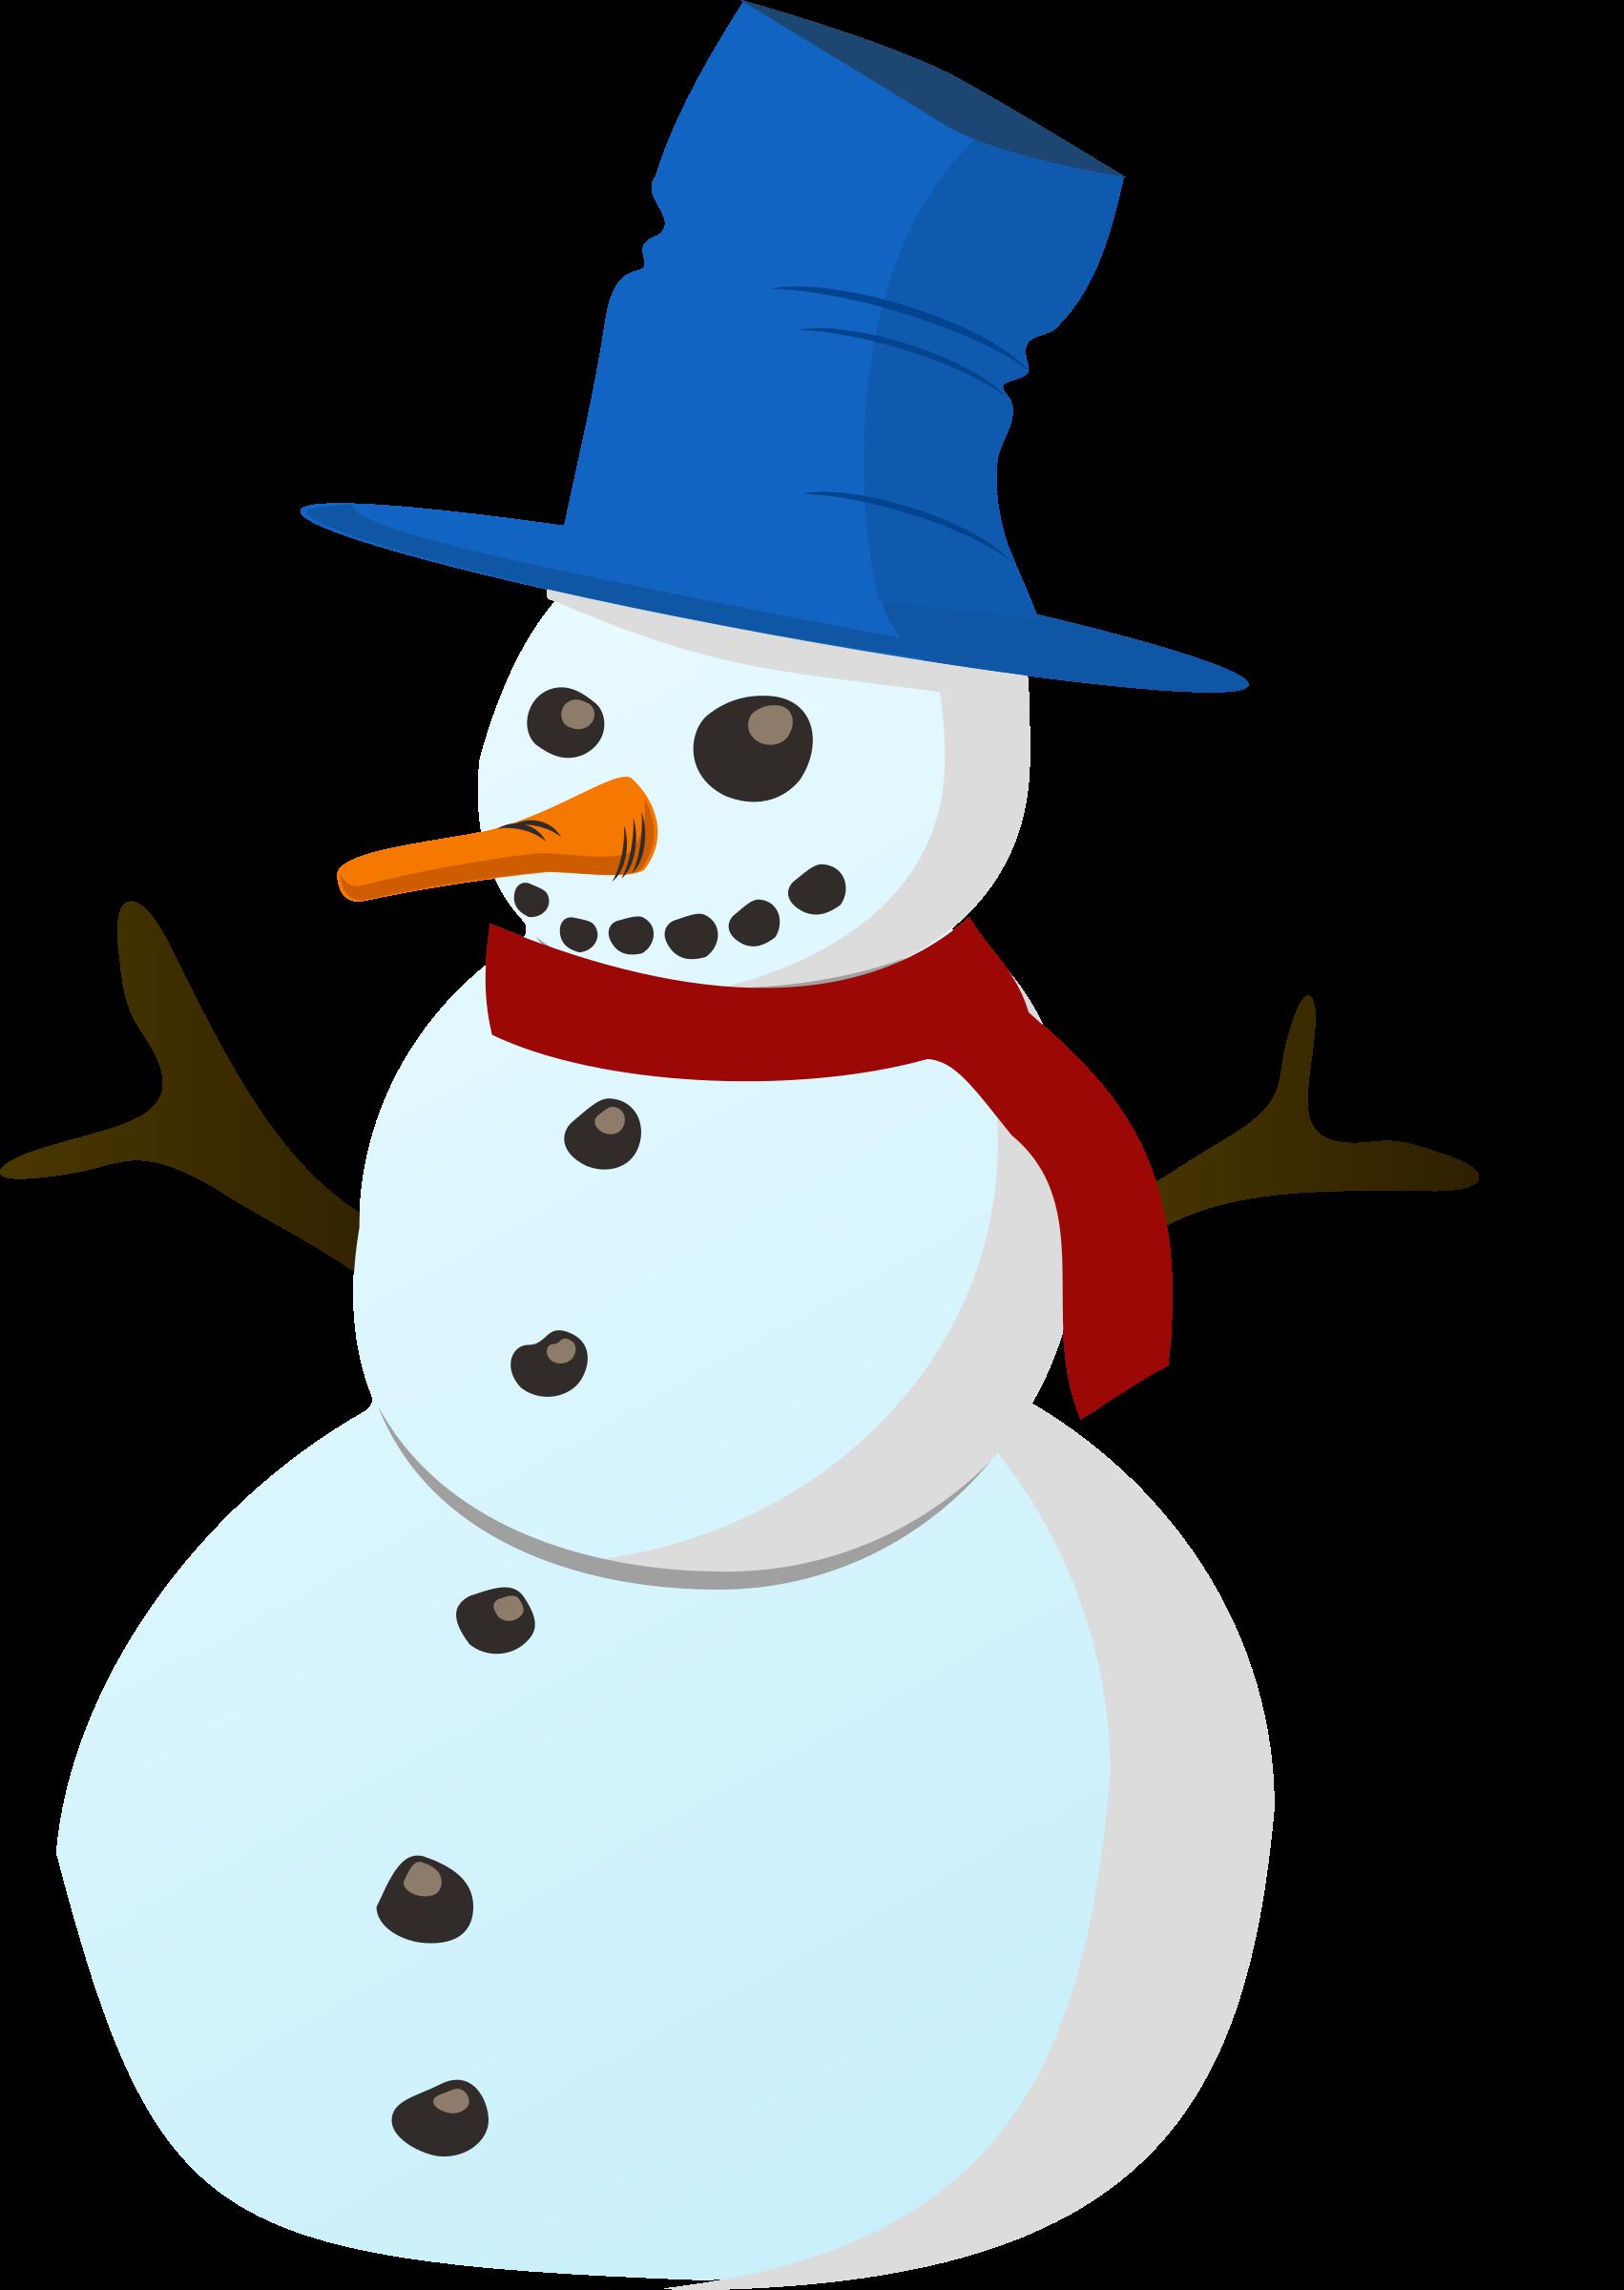 . Snowman clipart landscape